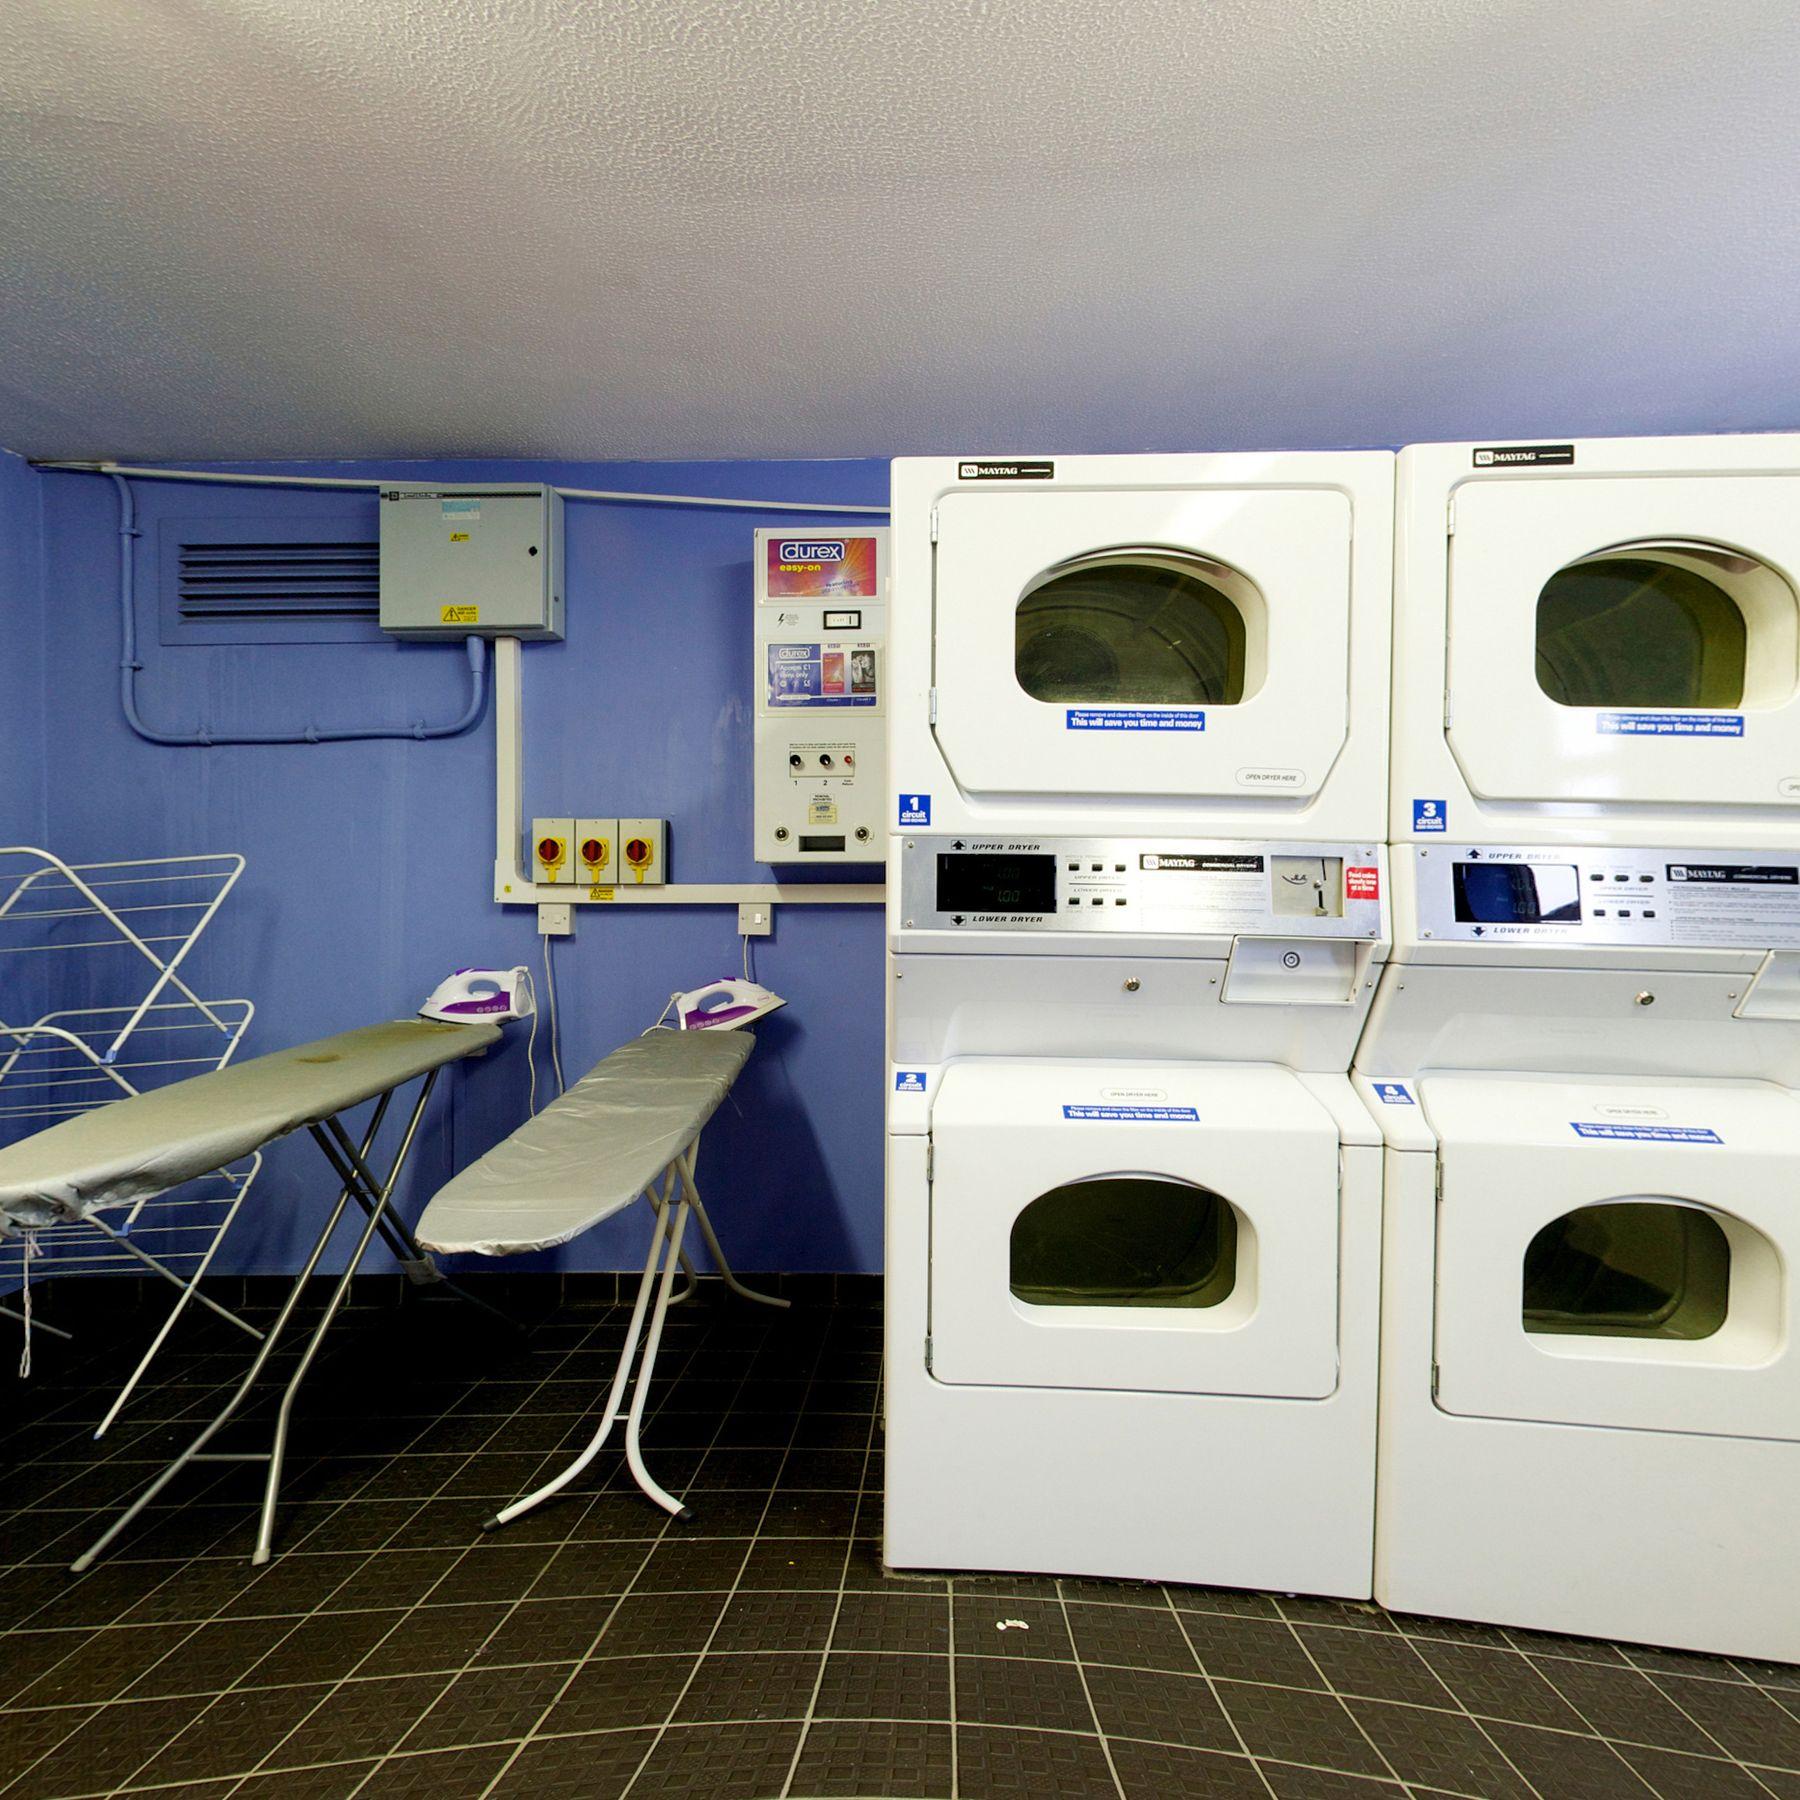 Norton Court laundry